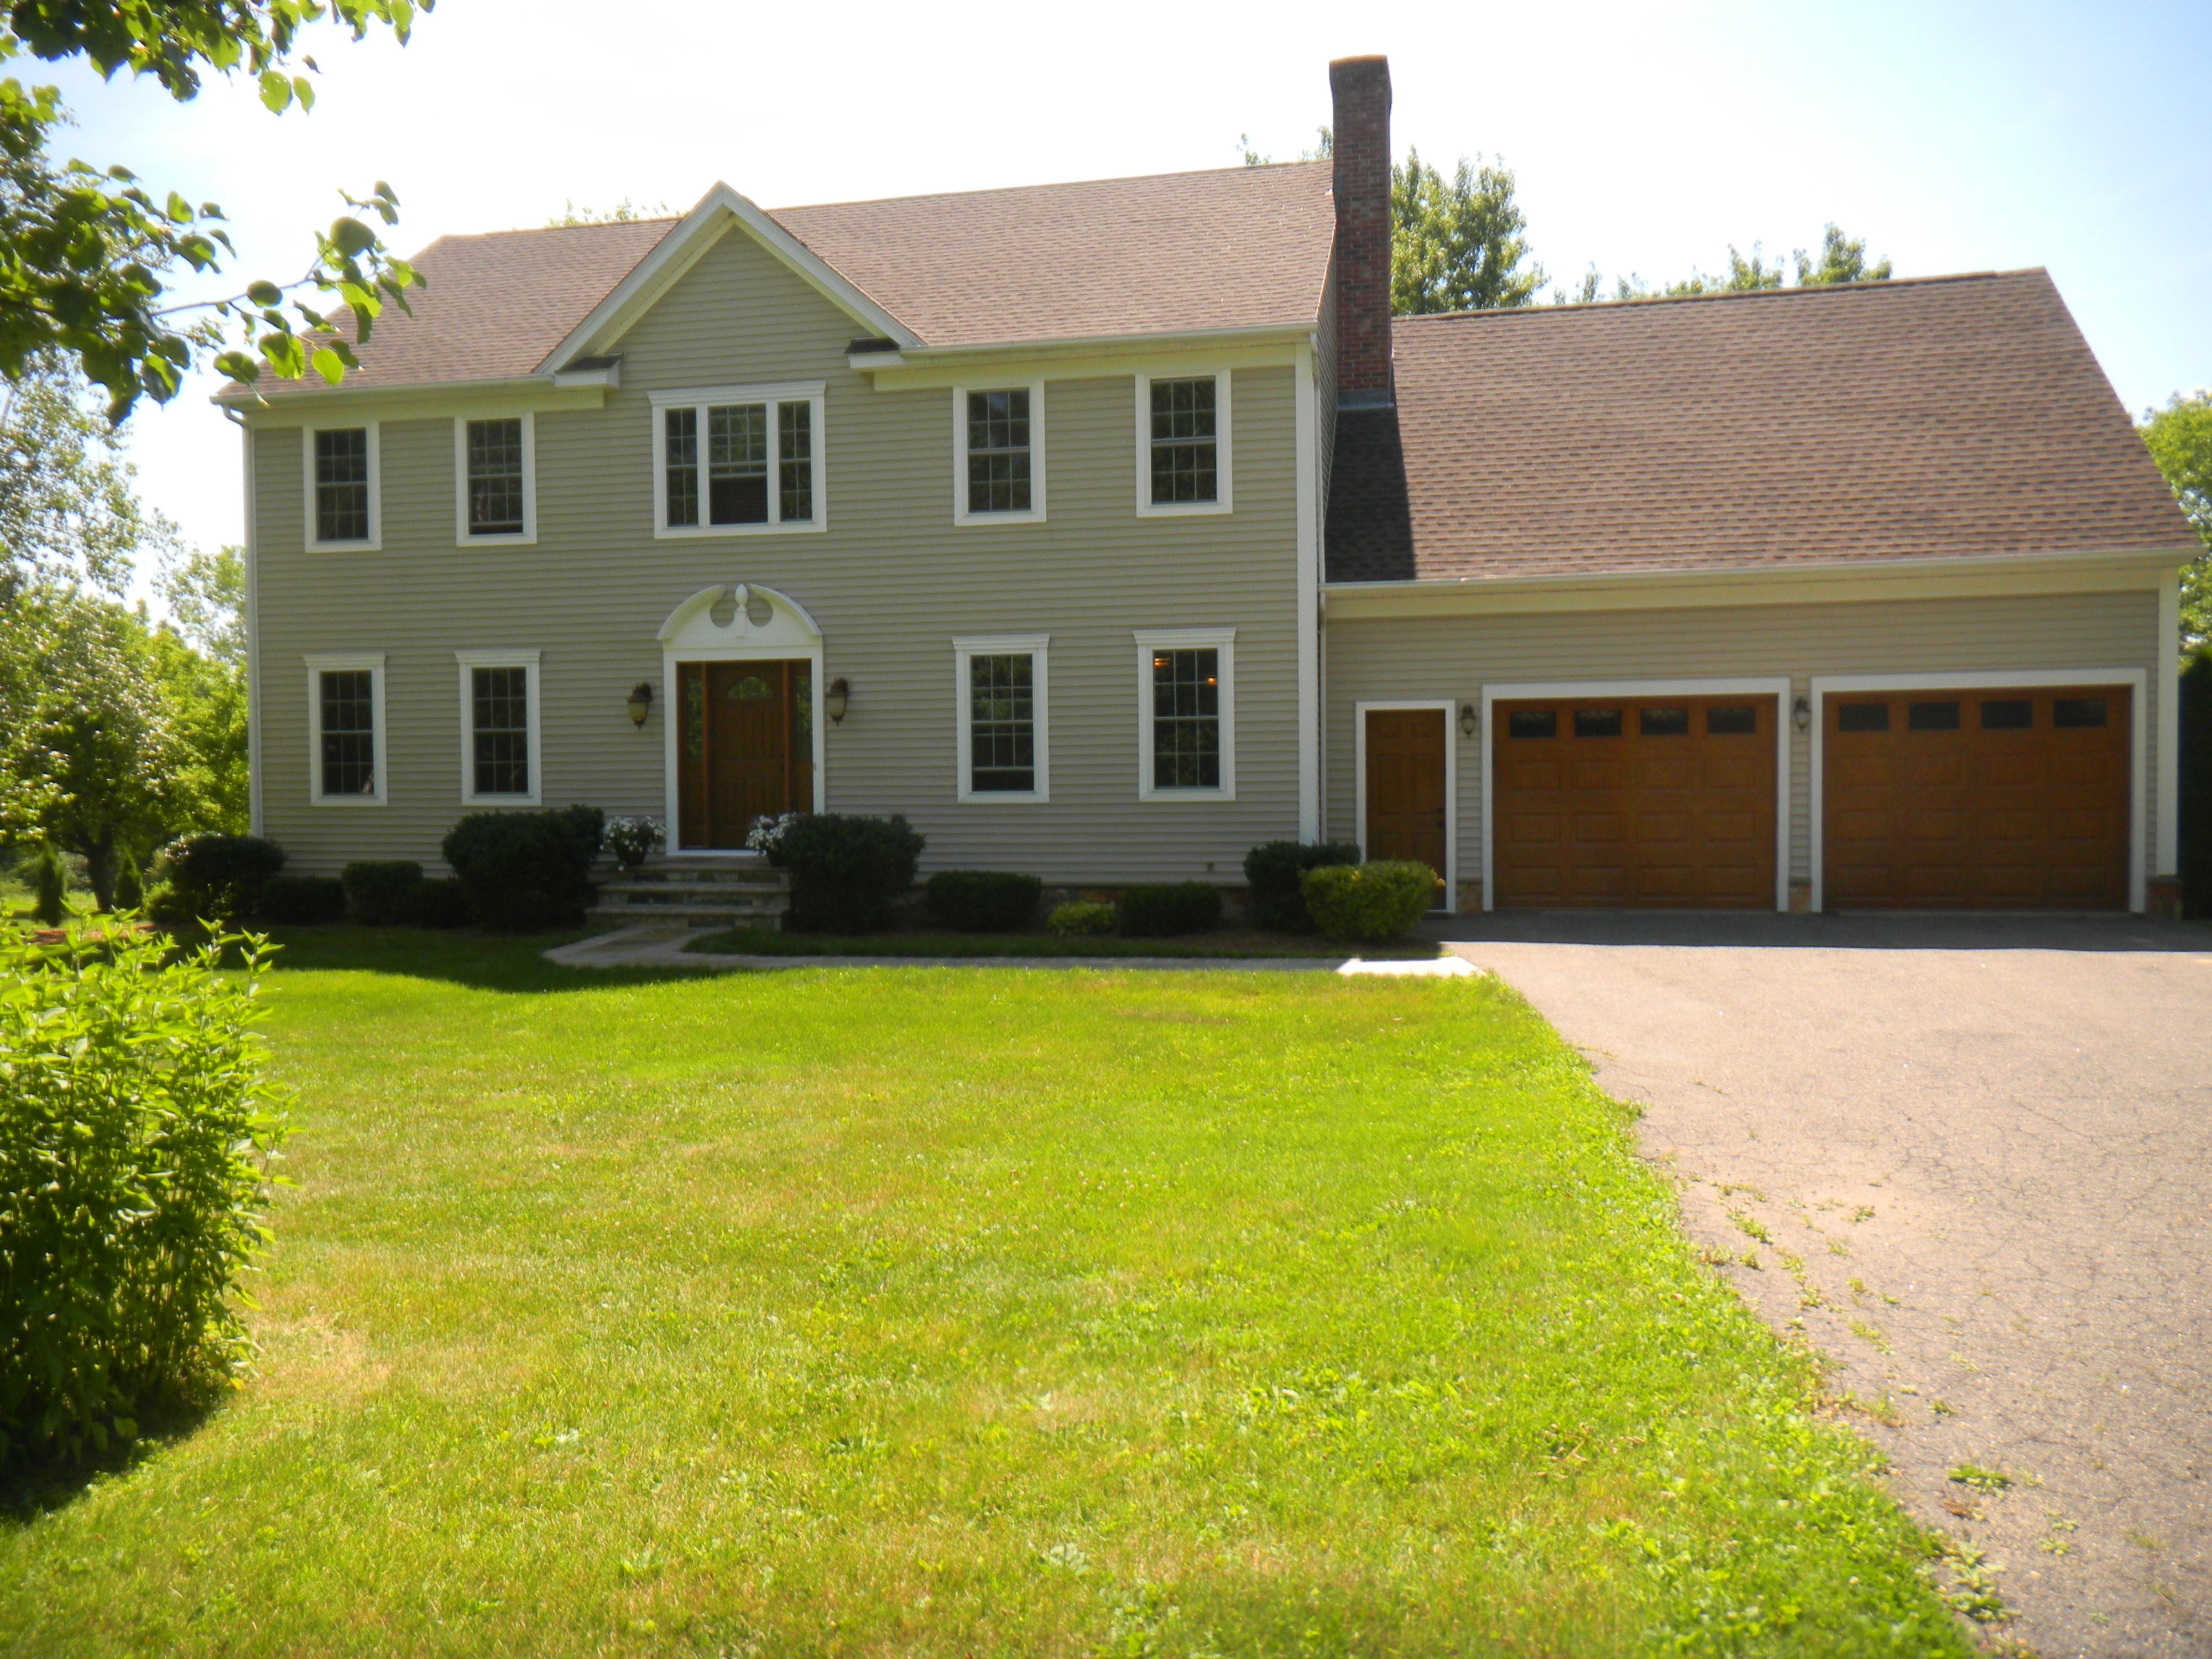 Casa Unifamiliar por un Venta en Classic and Stylish Goshen Colonial 192 Beach St Goshen, Connecticut, 06756 Estados Unidos